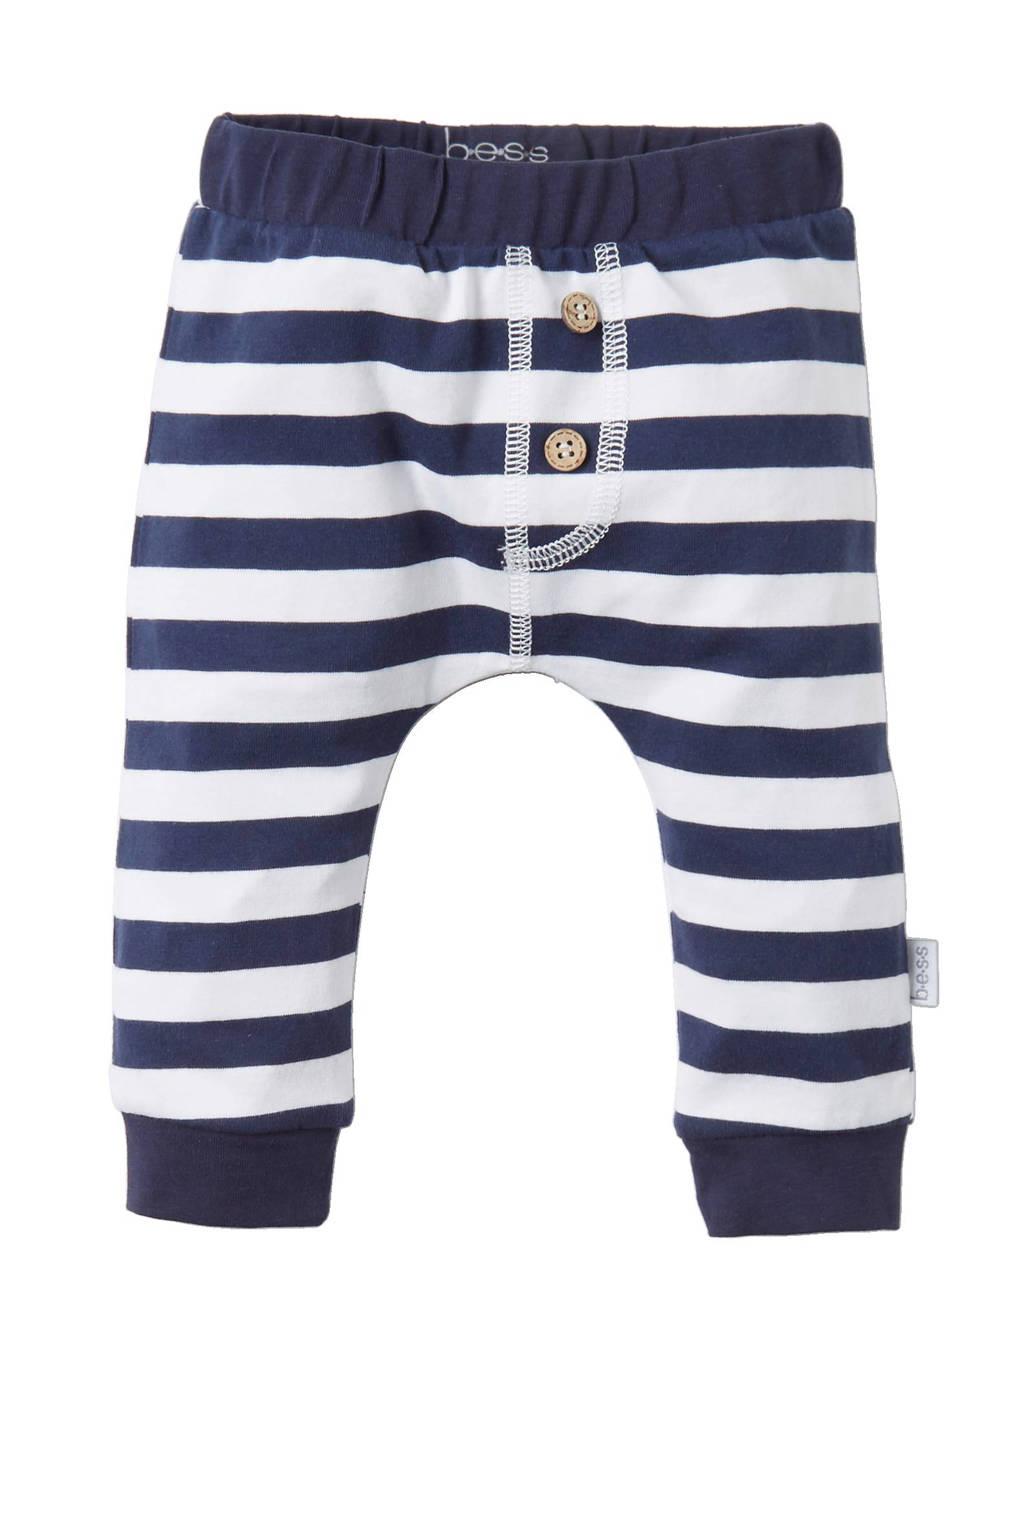 B.E.S.S newborn baby broek, Blauw